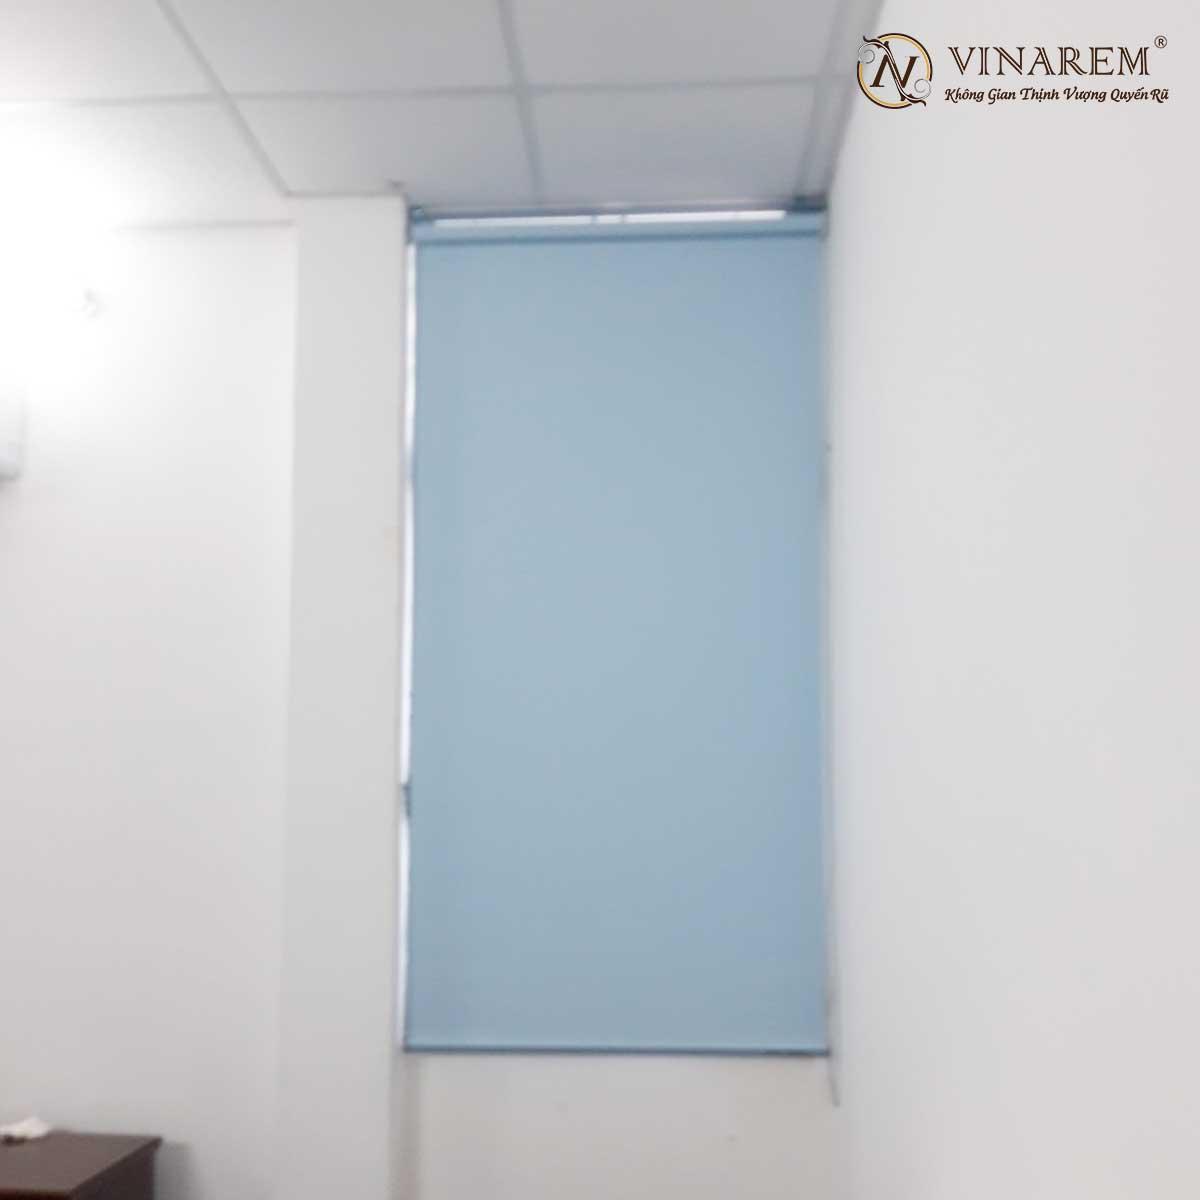 Rèm cuốn màu xanh da trời nhạt cho cửa sổ